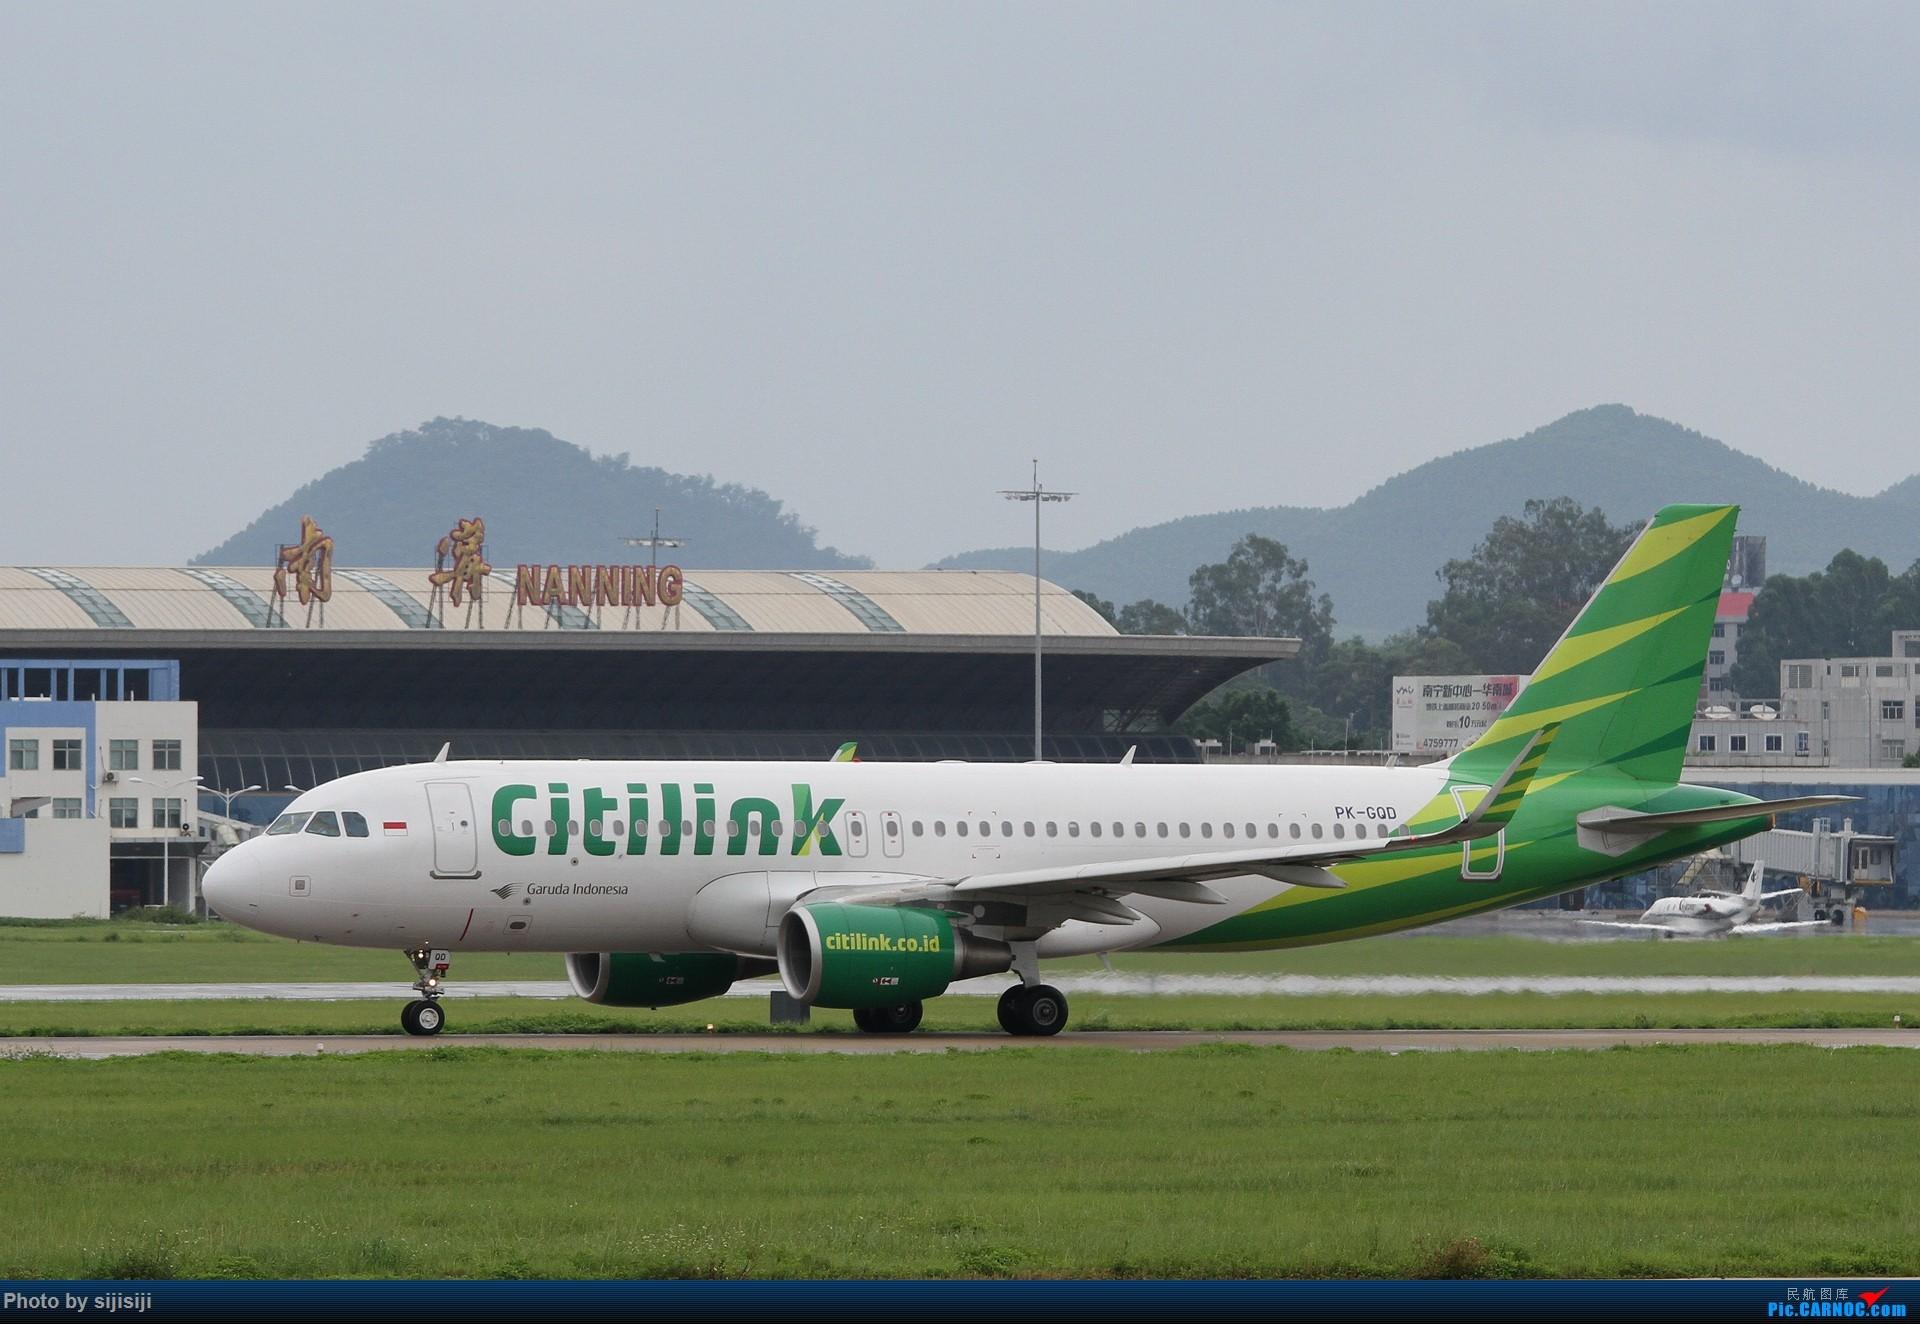 [原创]【NNG飞友星星随拍】NNG的稀客:我来自雅加达,俺爹是嘉鲁达 AIRBUS A320-200 PK-GQD 中国南宁吴圩国际机场